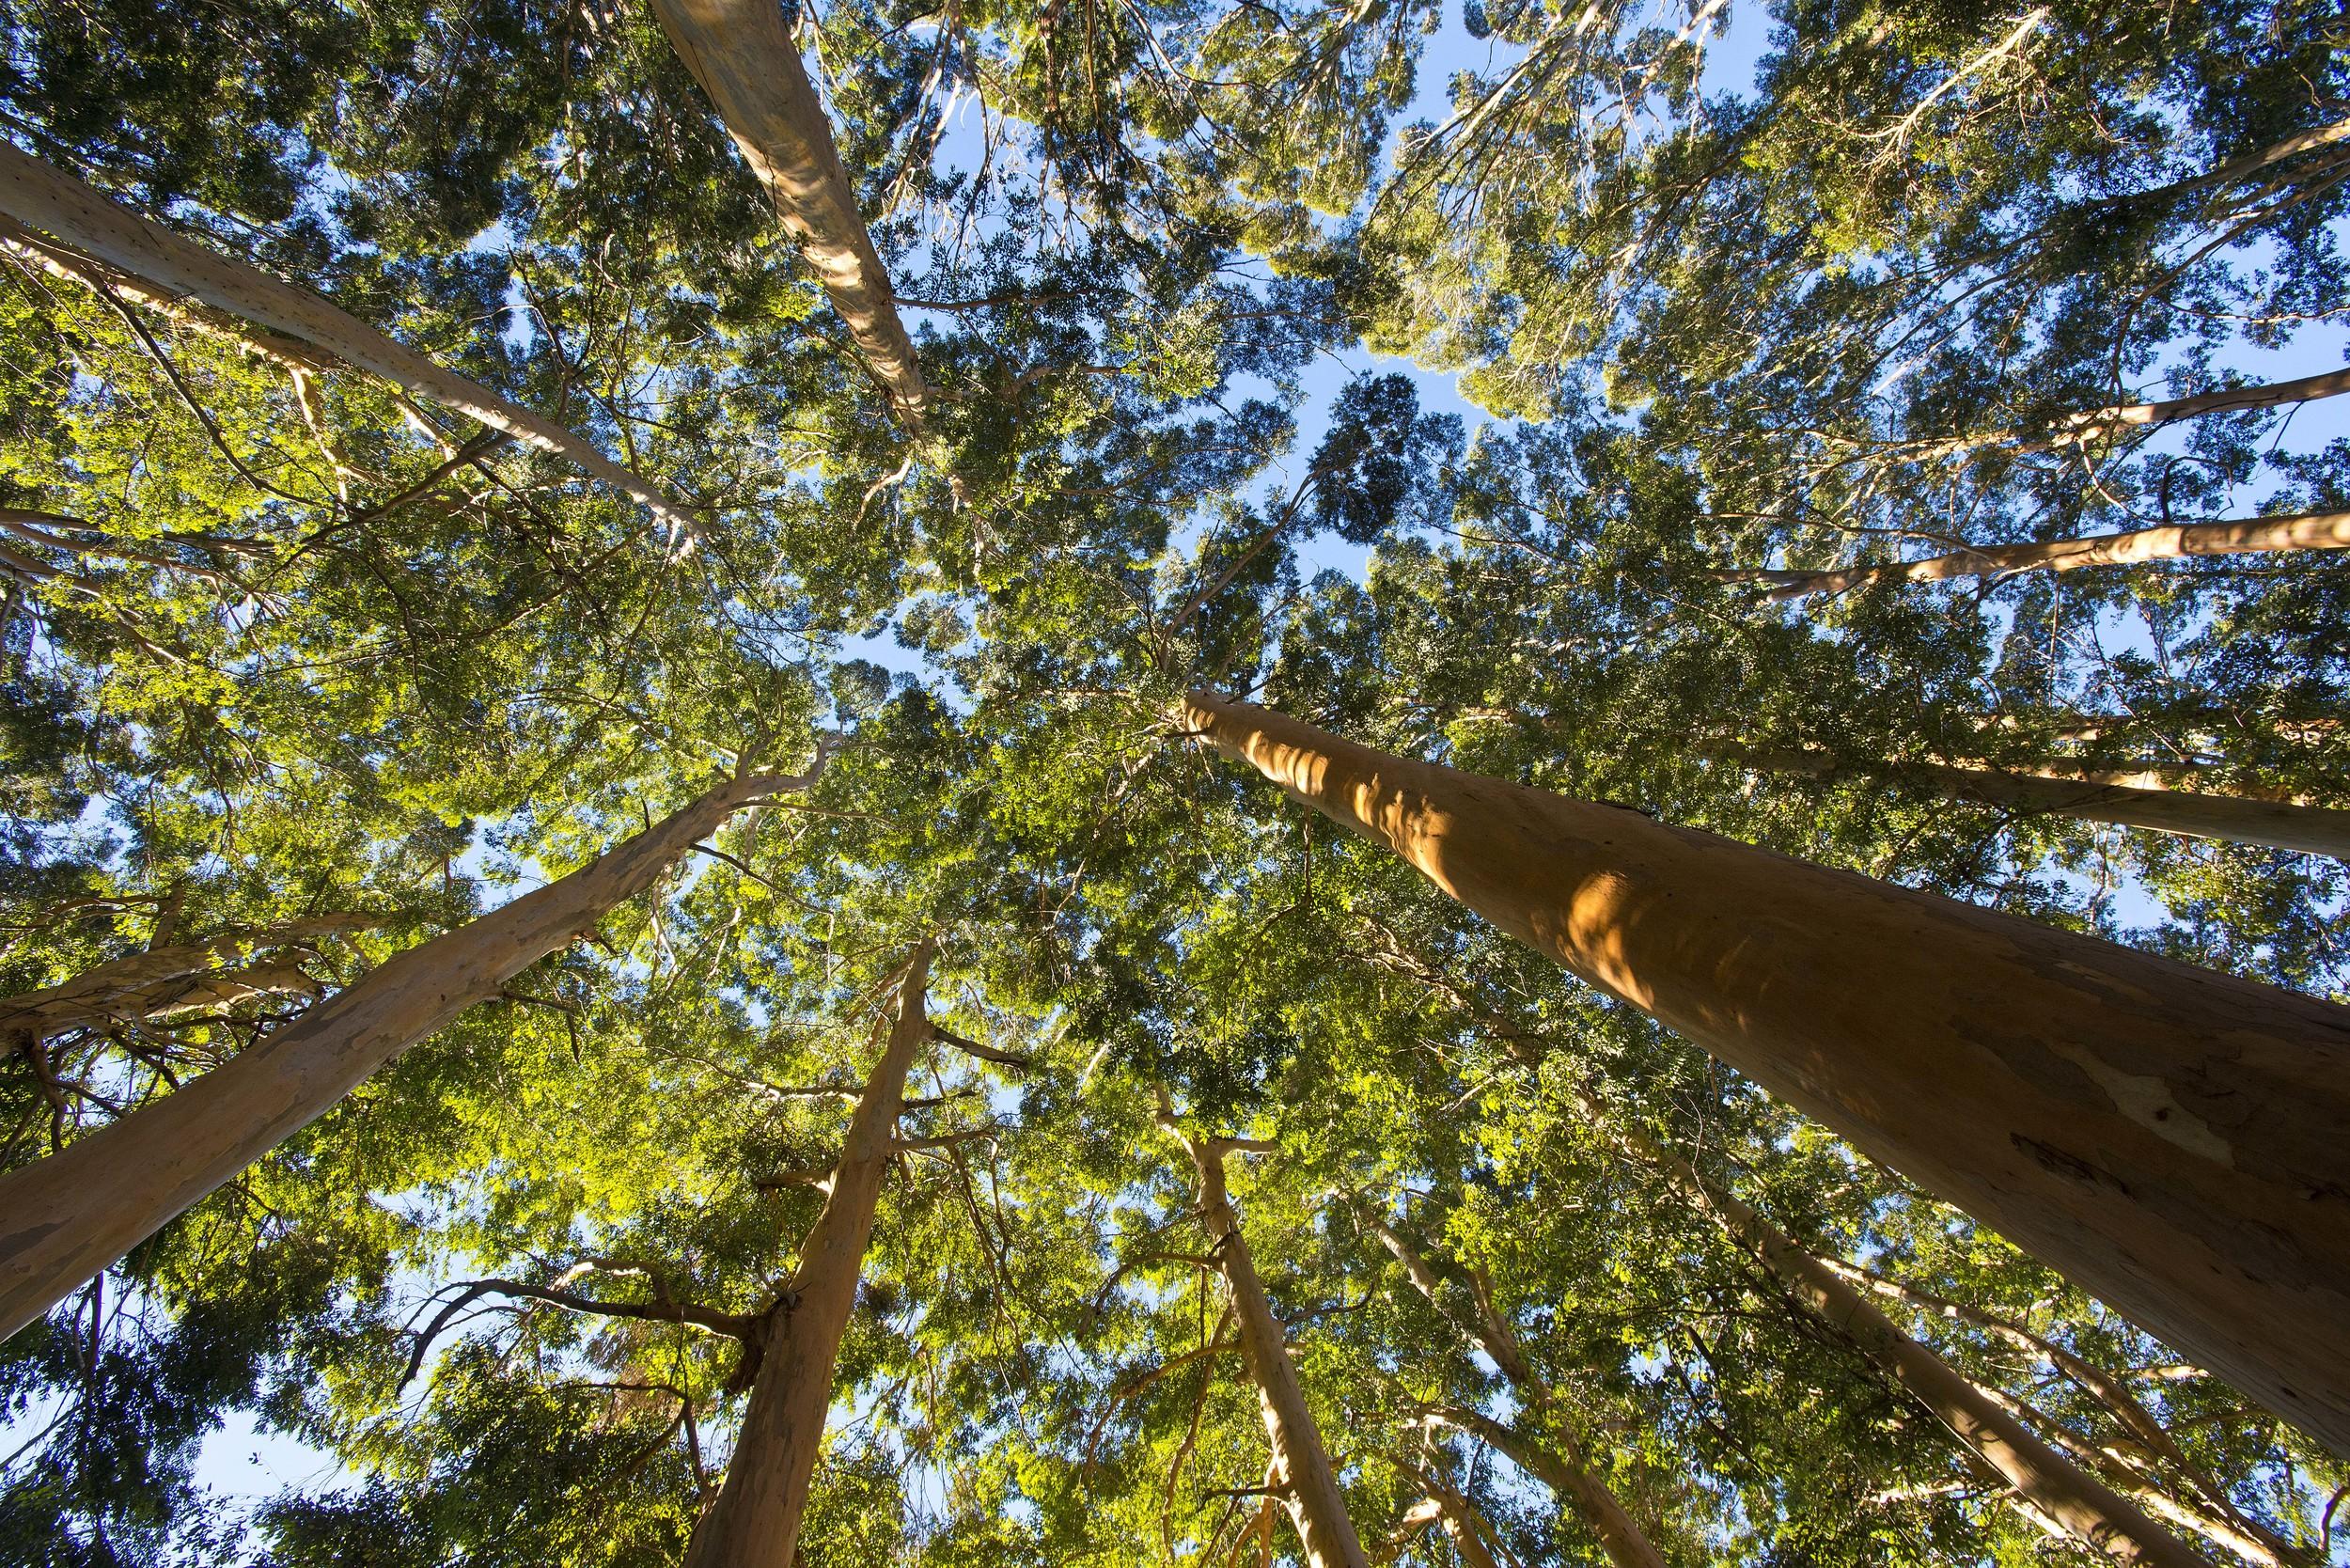 130420_DSC2785 Eucalyptus forrest near Cape Town_1.jpg